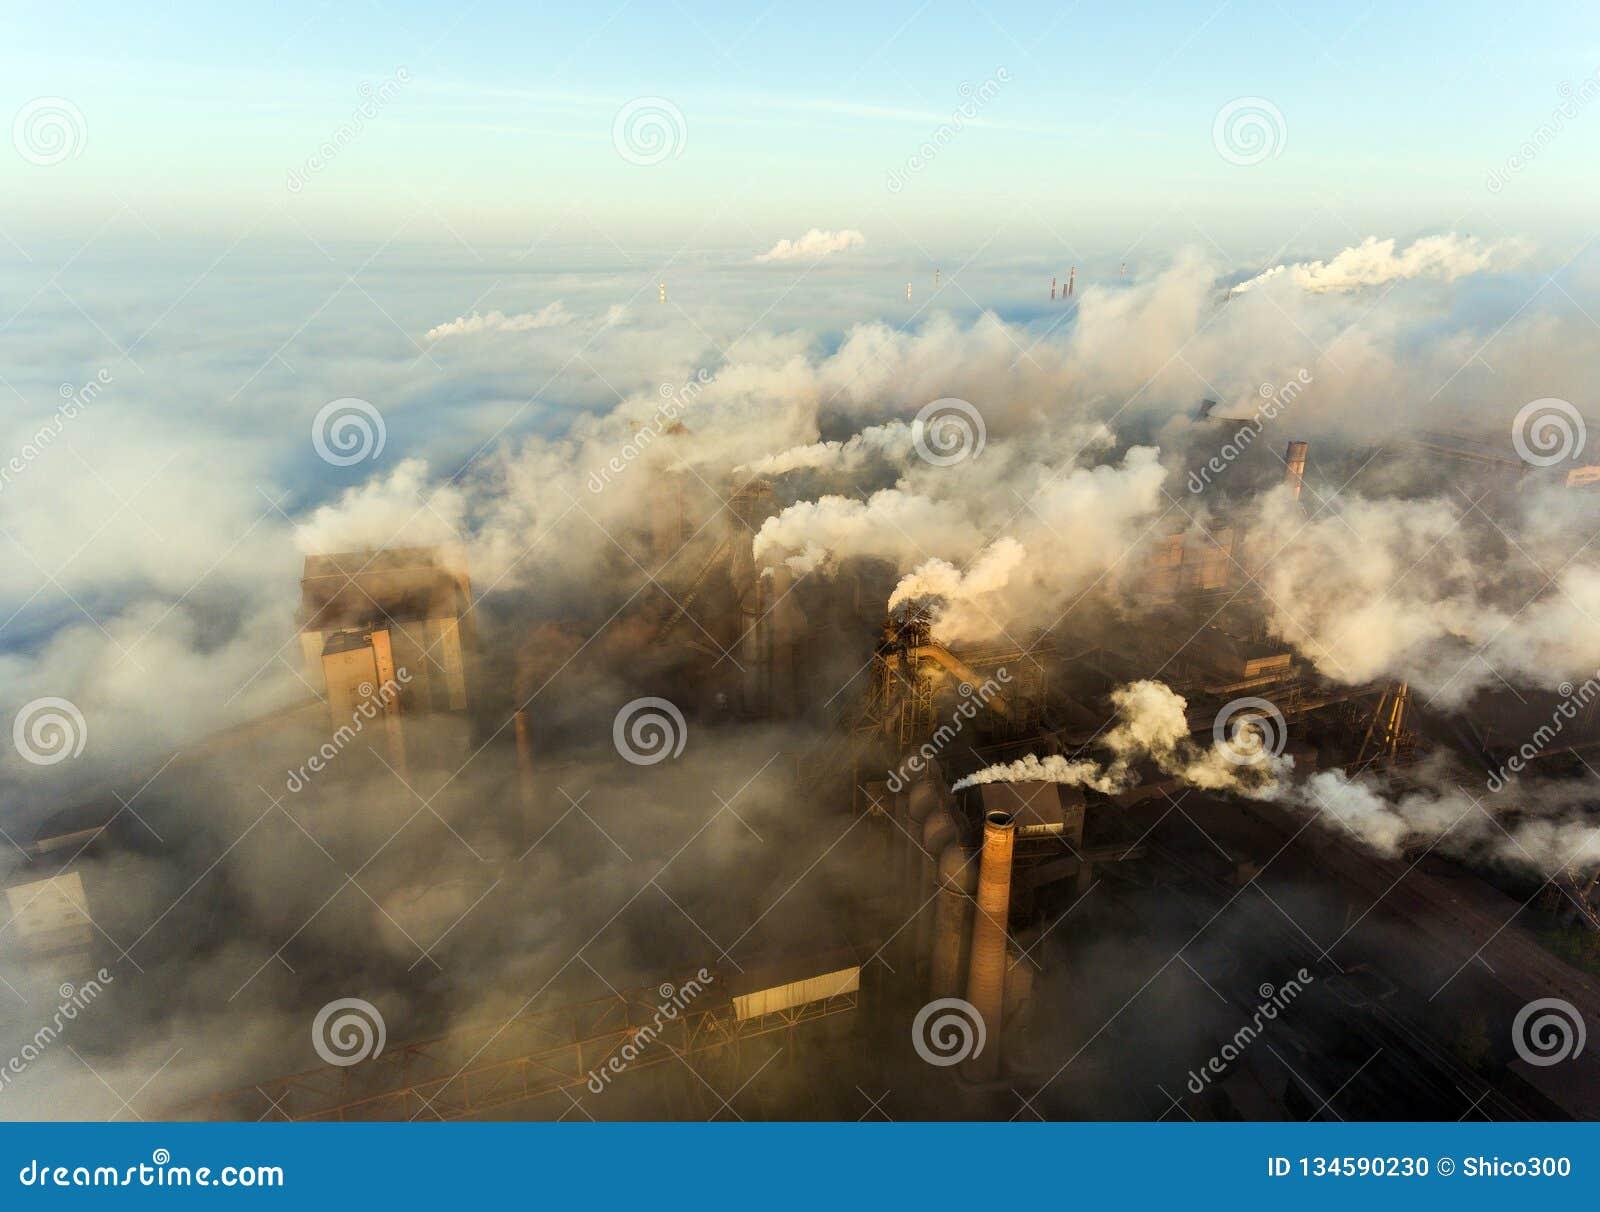 Industriële stad van Mariupol, de Oekraïne, in de rook van bedrijven en mist bij dageraad